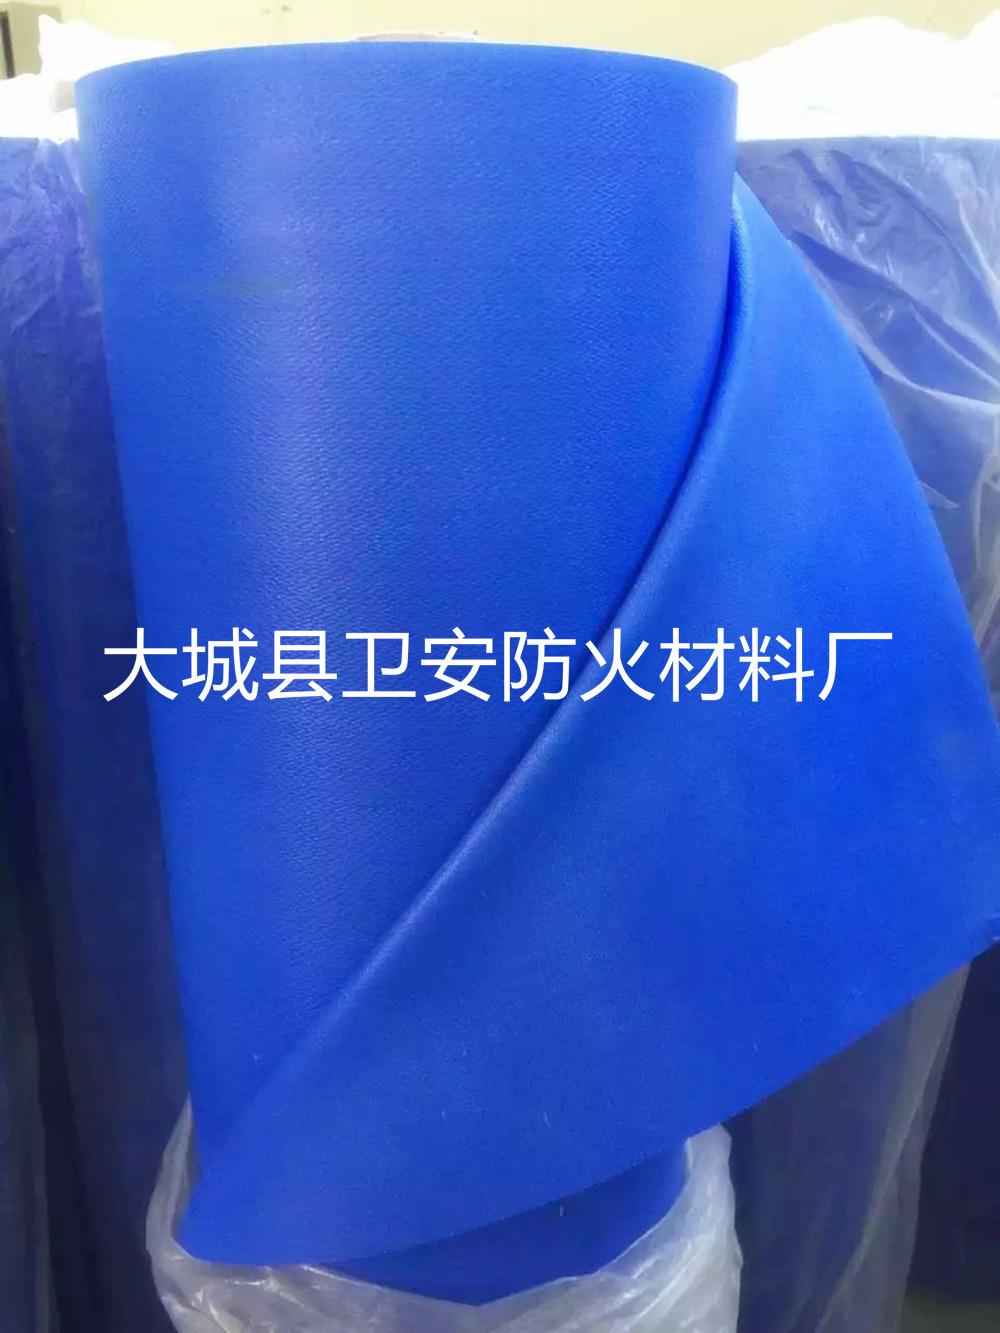 蓝色硅胶布